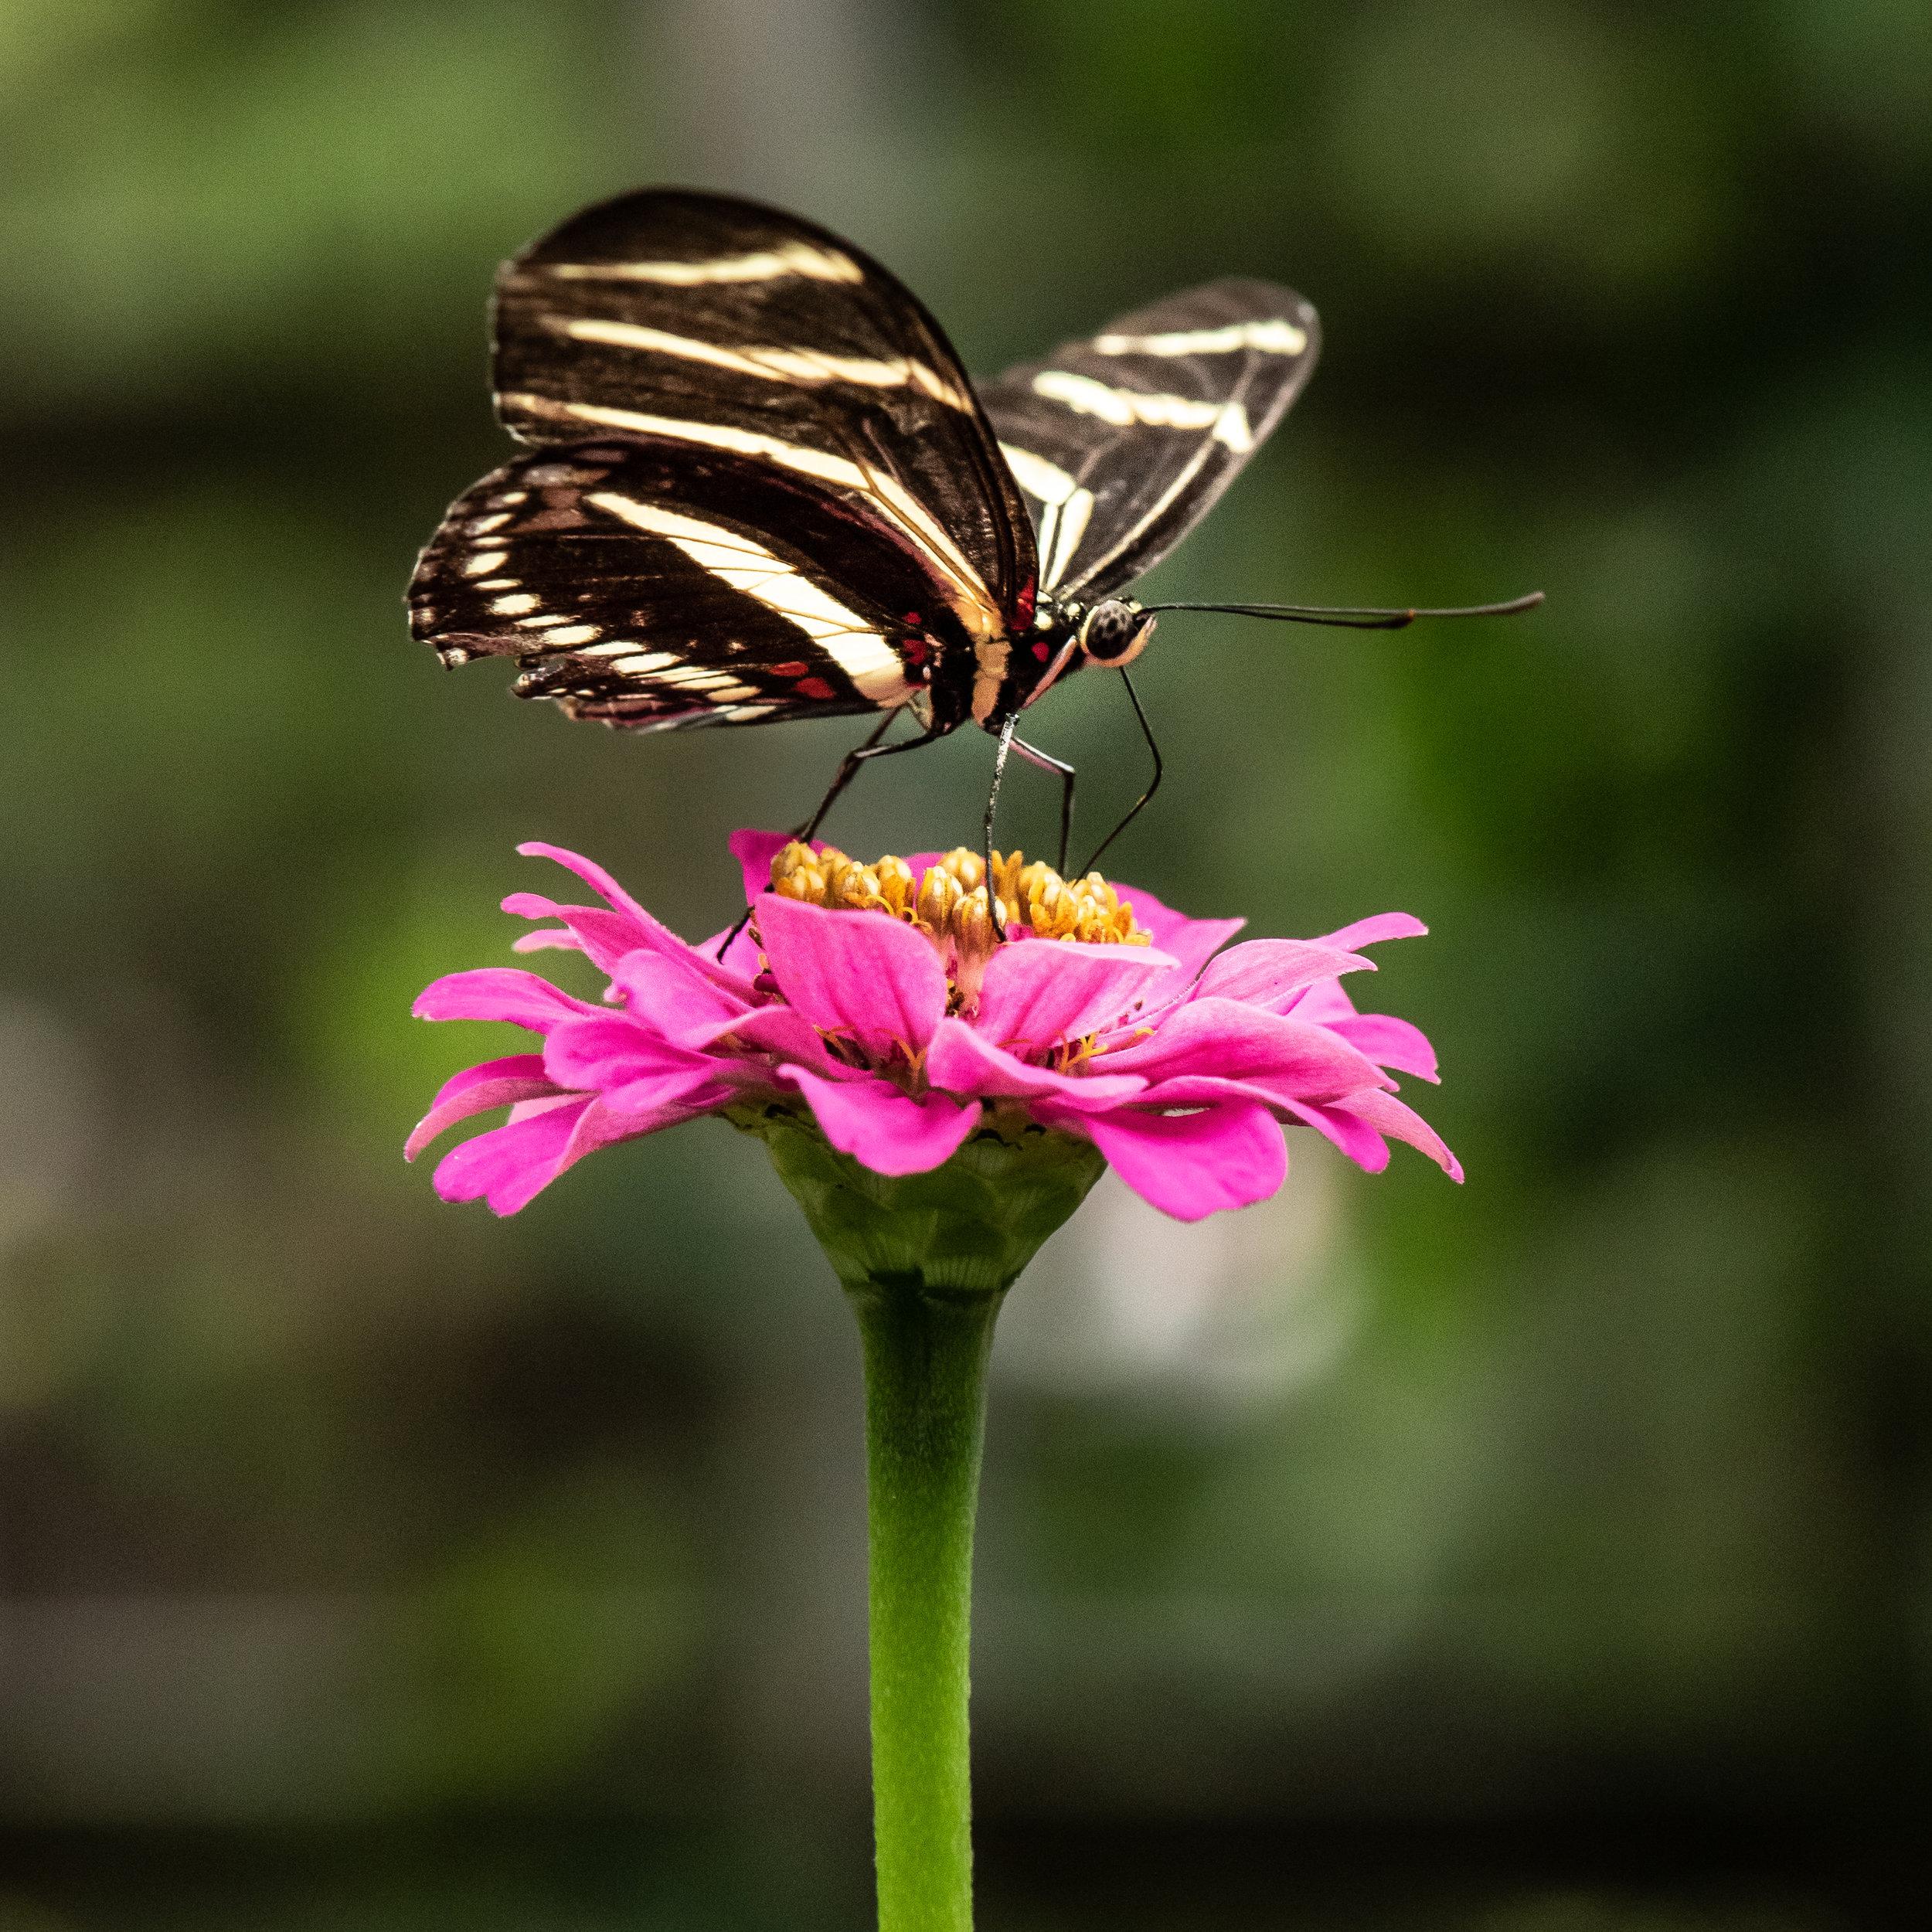 Zebra Longwing Butterfly.